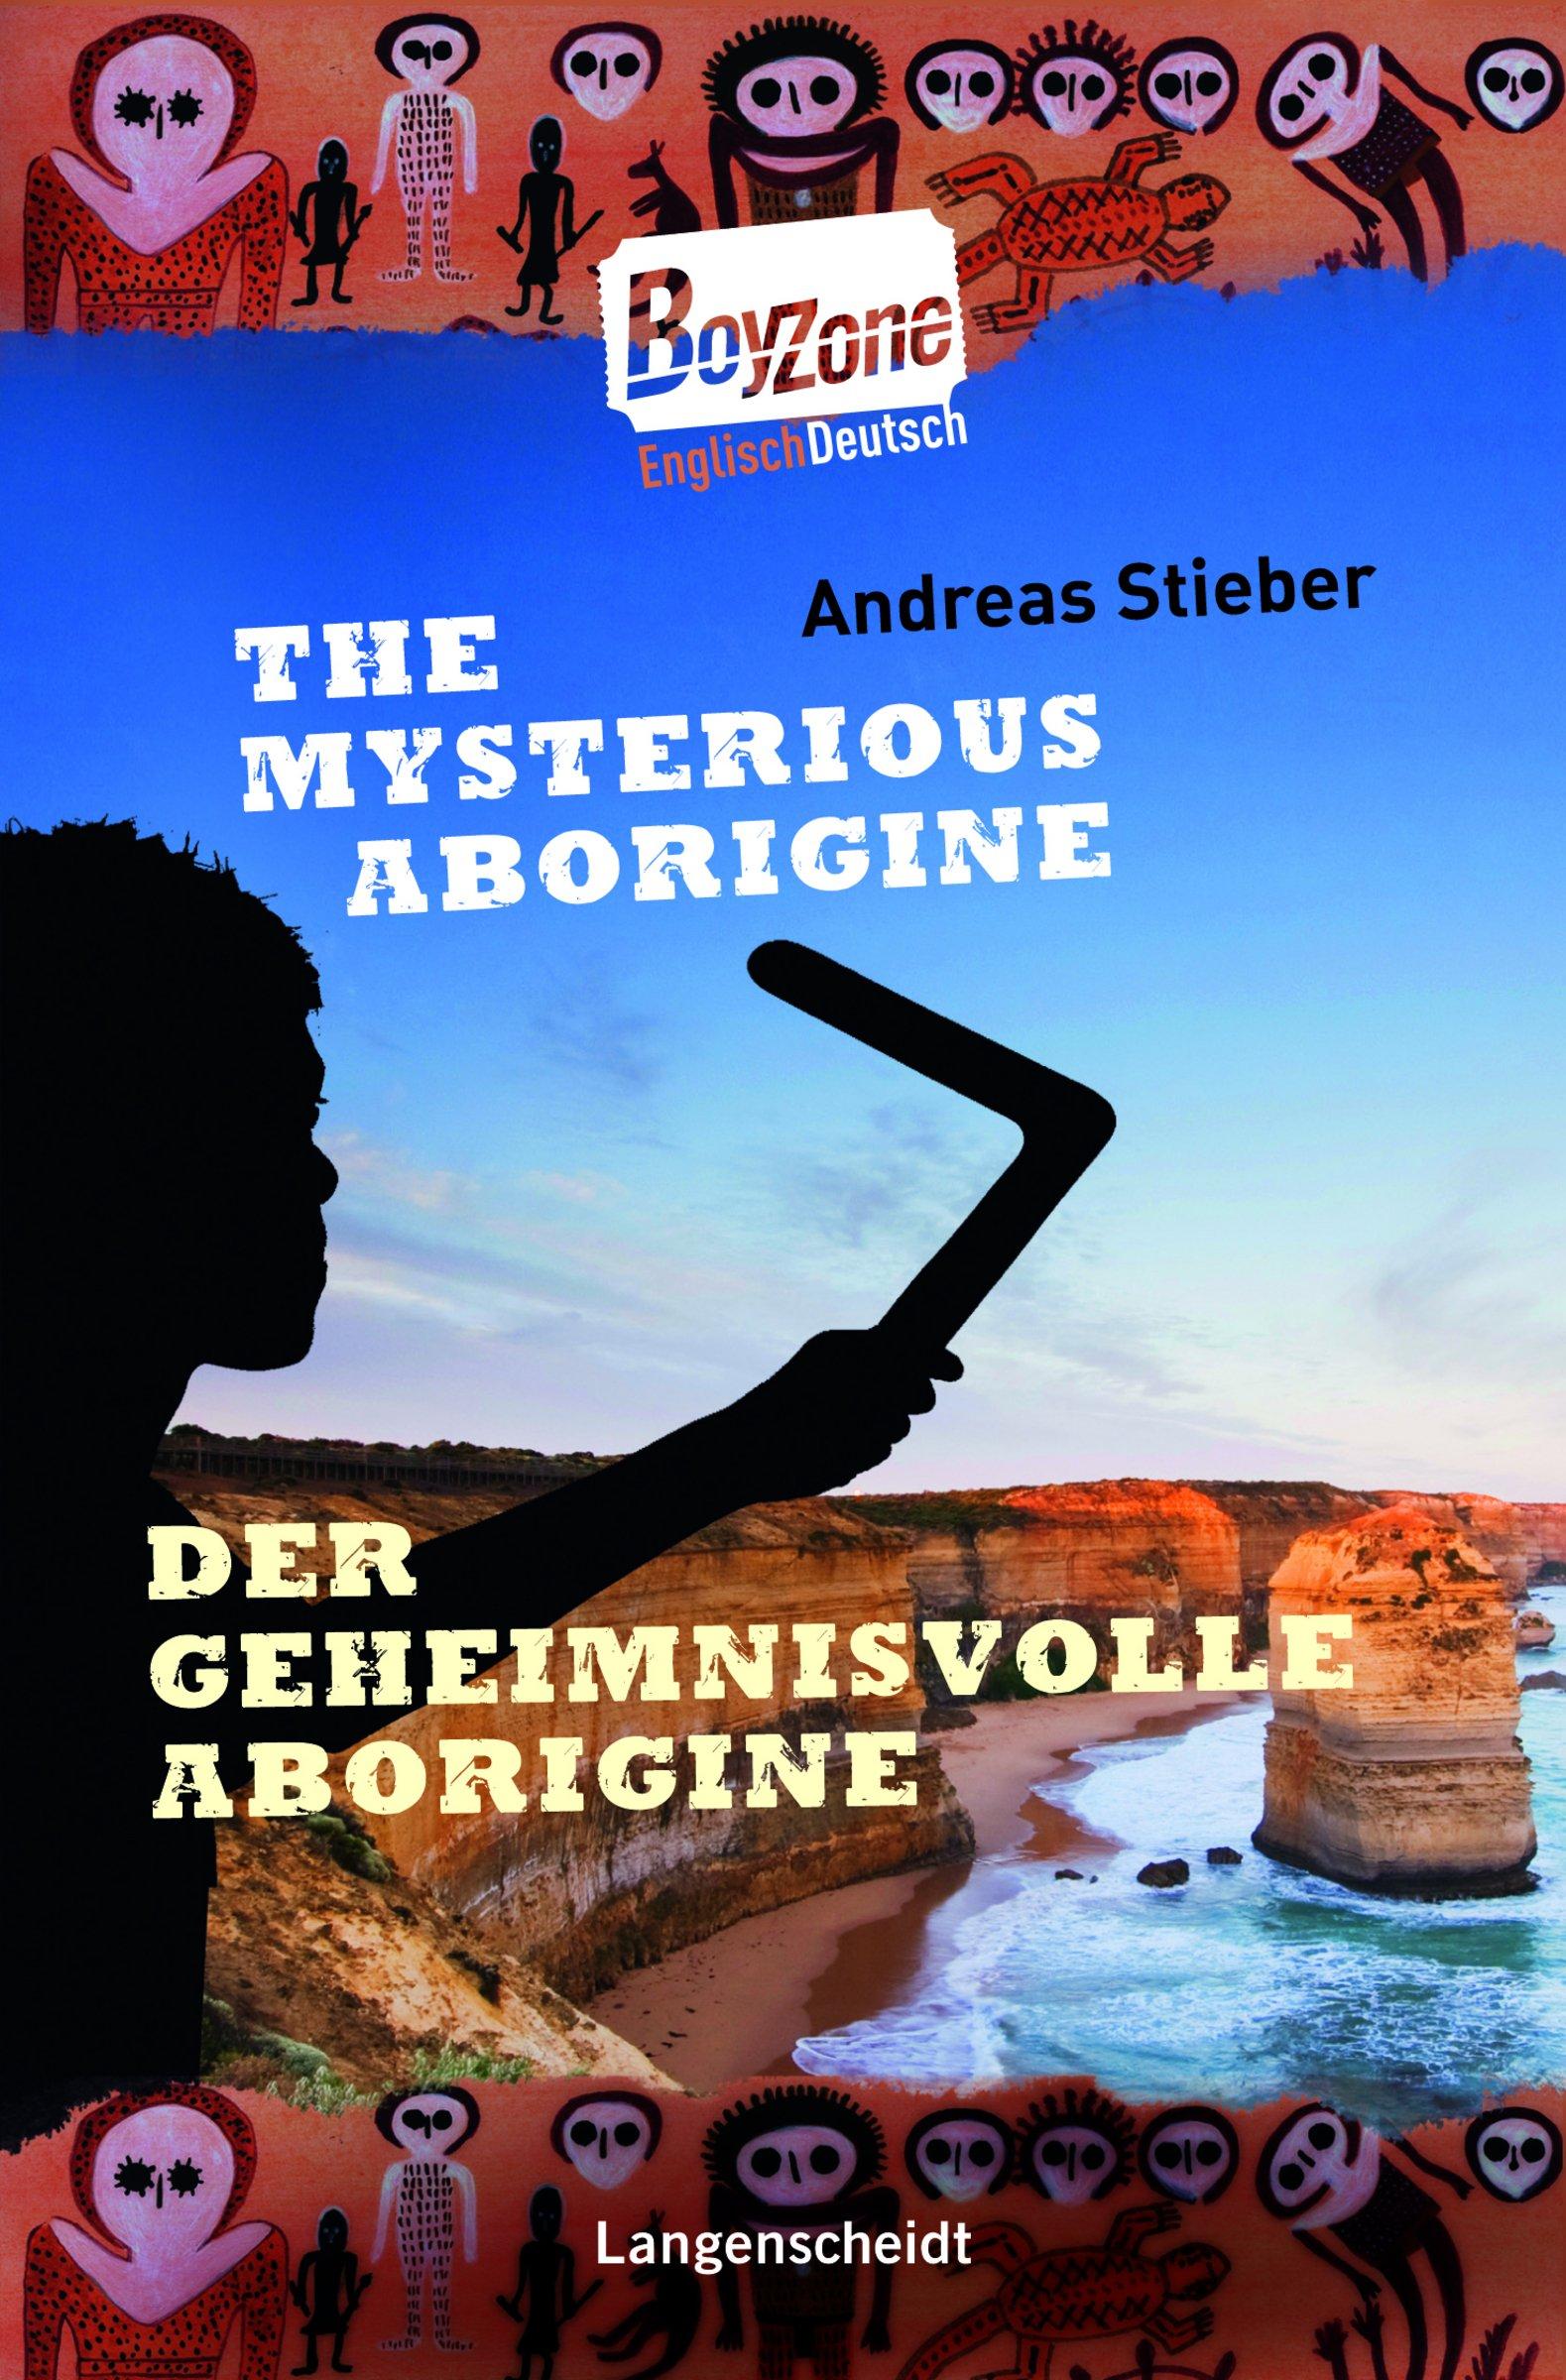 the mysterious aborigine der geheimnisvolle aborigine der geheimnisvolle aborigine boy zone